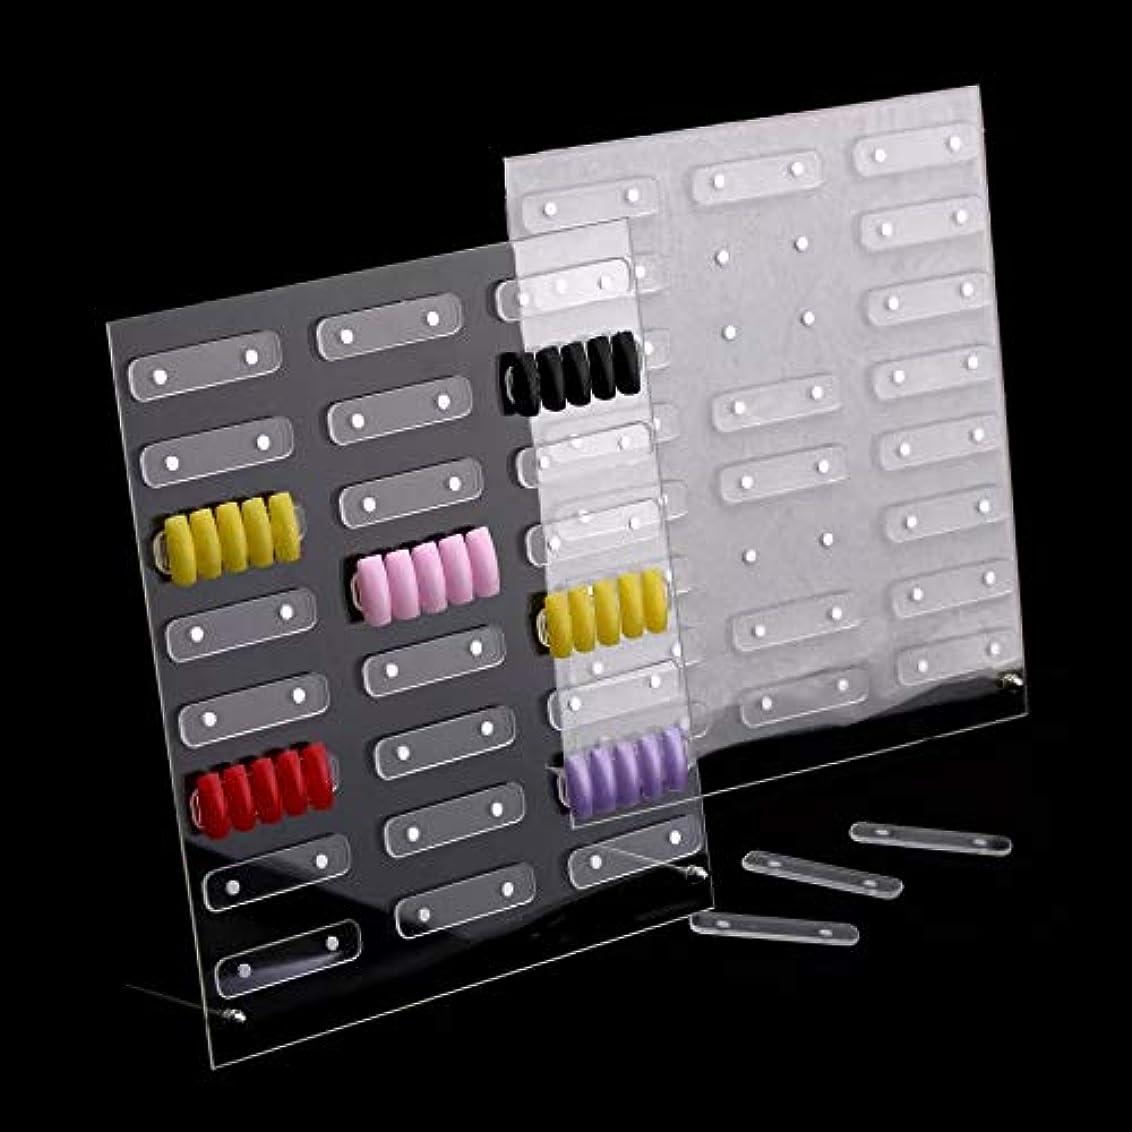 与える糸粘土磁石付きネイルサンプルディスプレイボード展示板 大容量24セット設置可能 見本ボード サンプルチップ貼り付け板 入れ替え取り外し簡単ラクラク! (大 (32ピース))